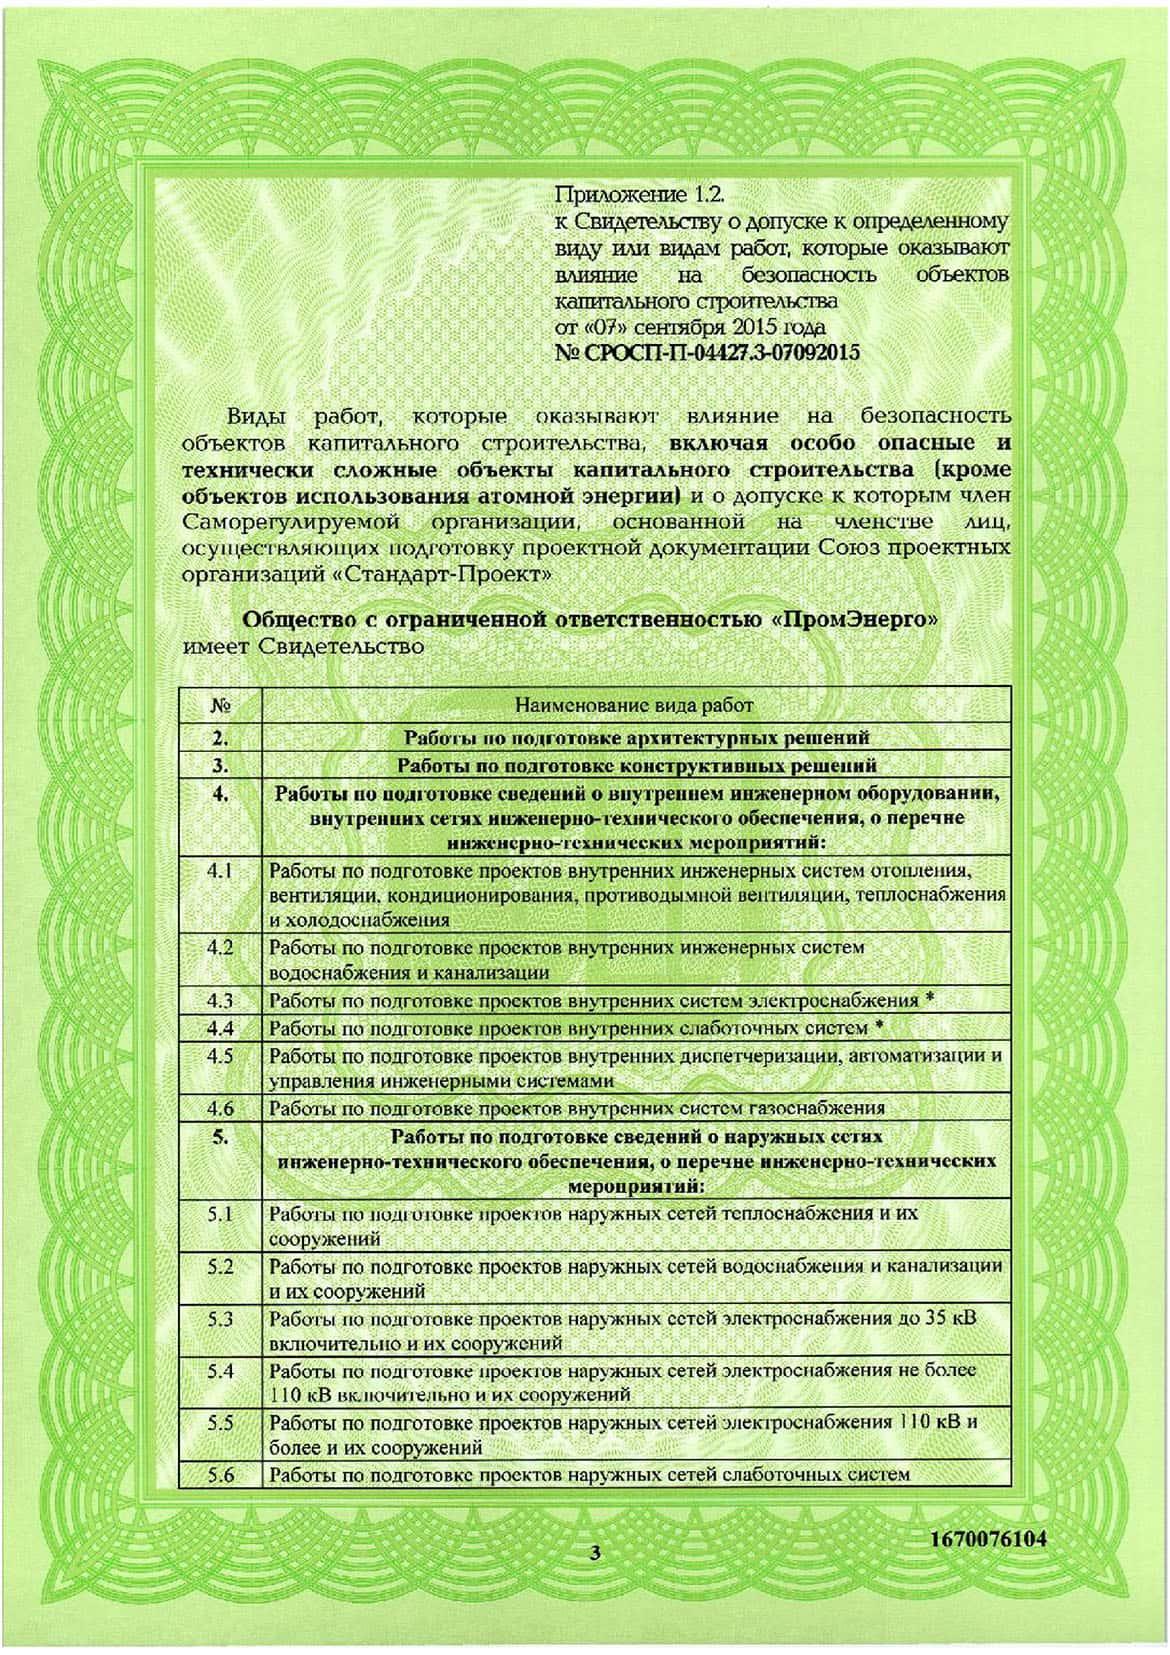 Свидетельство СРО ООО ПромЭнерго 4